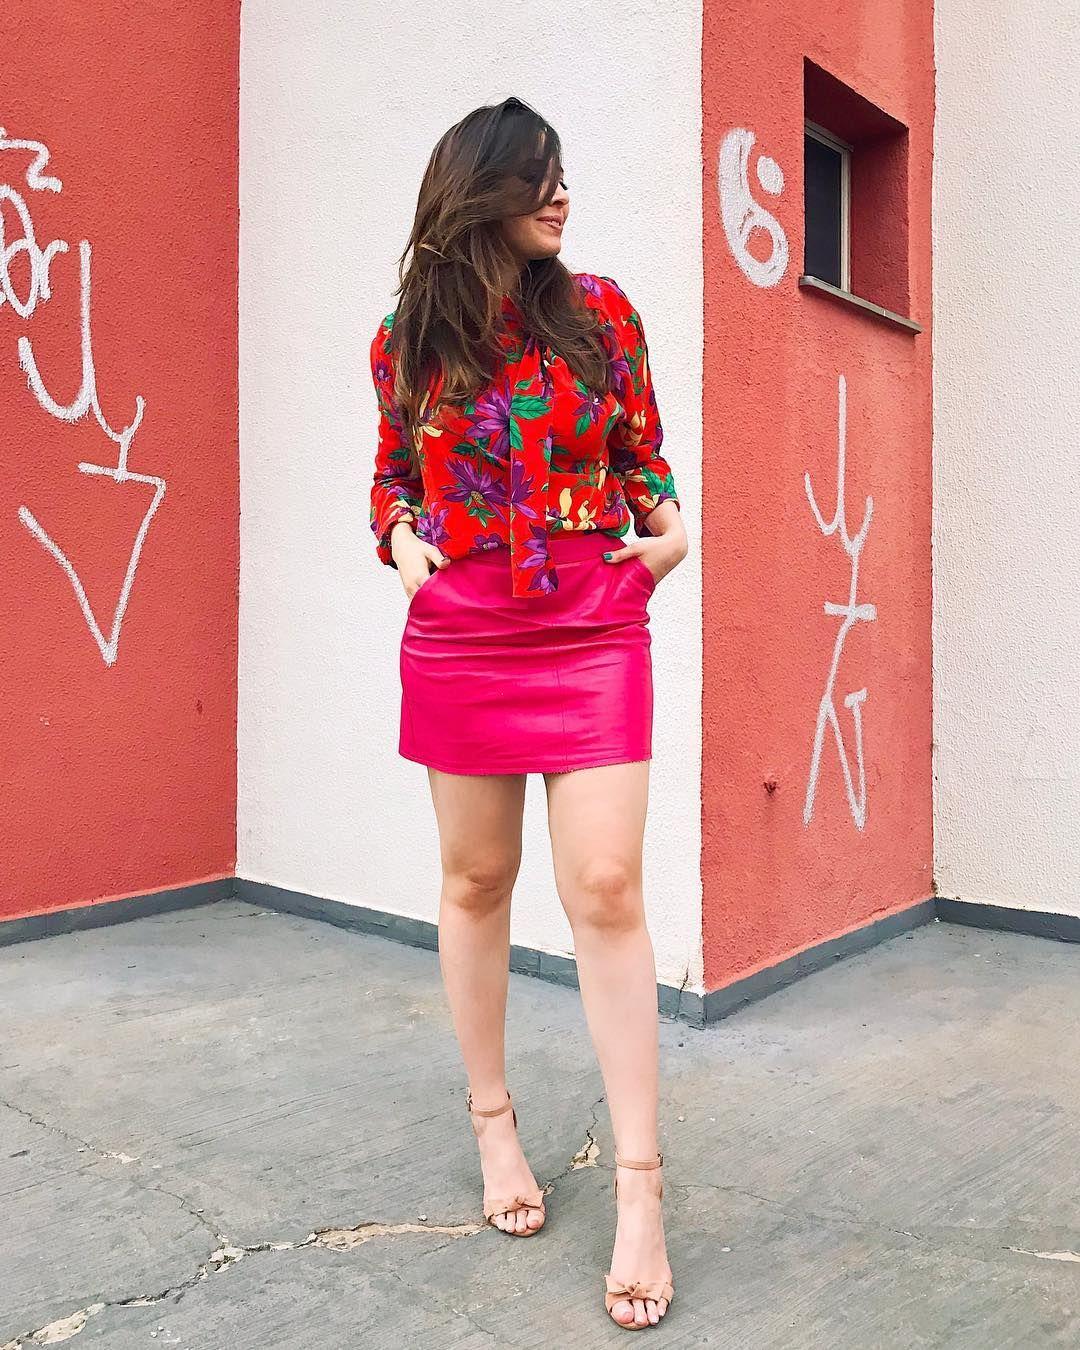 Blogueira Taciele Alcolea, look do dia, look com saia de couro pink, blusa  vermelha estampada, sandália nude, blogueiras, 26df62bd5a